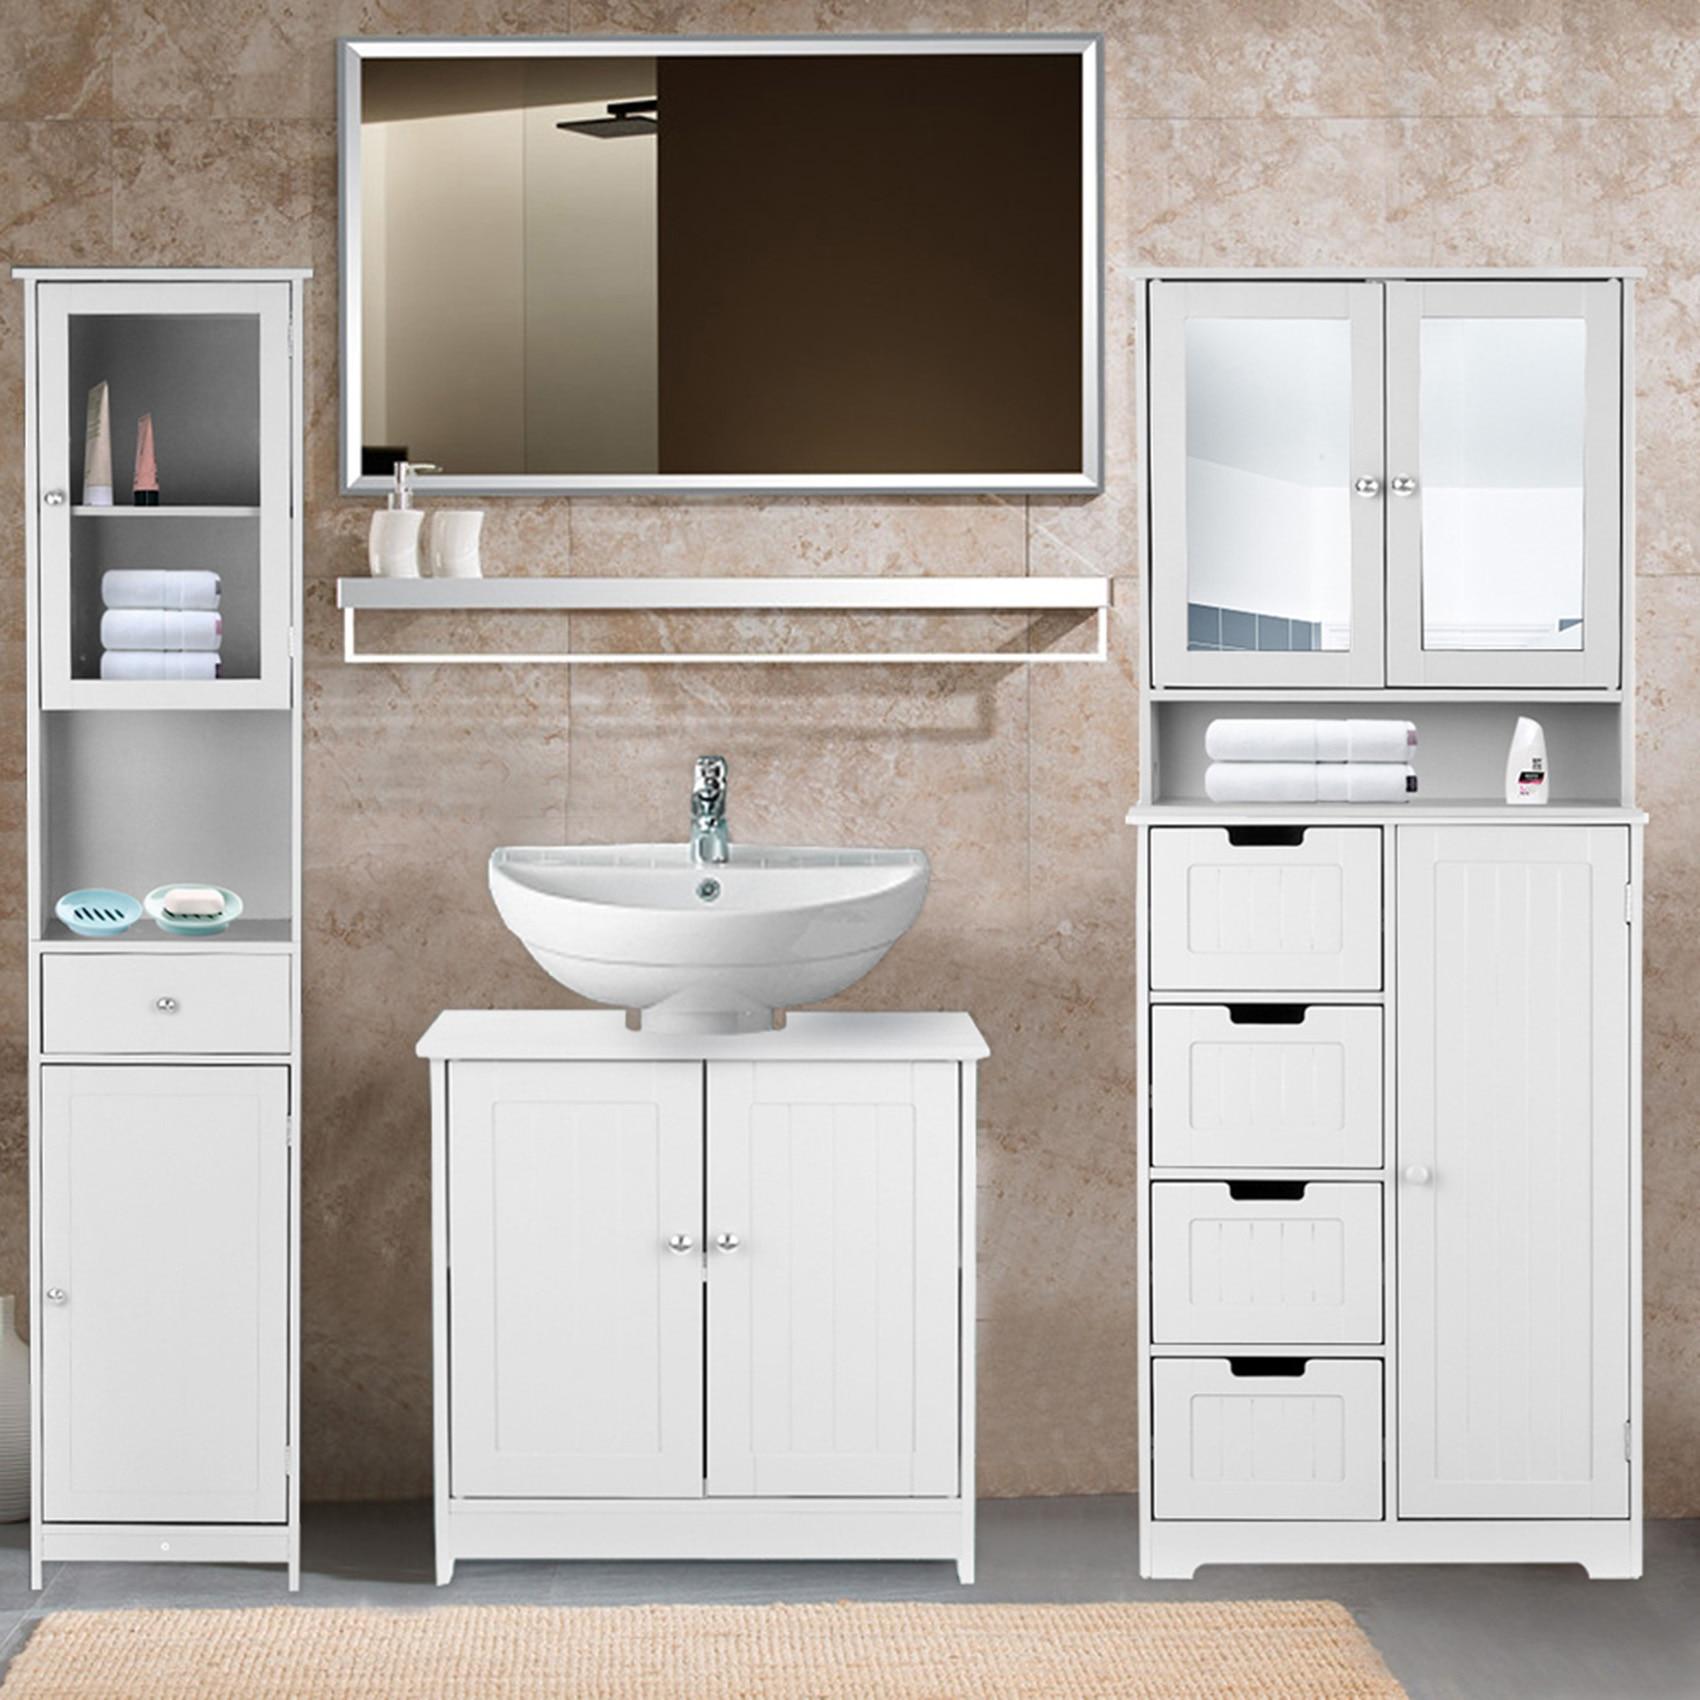 Modern Floor Cabinet Modern Under Sink Storage Cabinet with Doors Bedroom Storage Organizer Furniture 4 Layer Organizer Cabinet